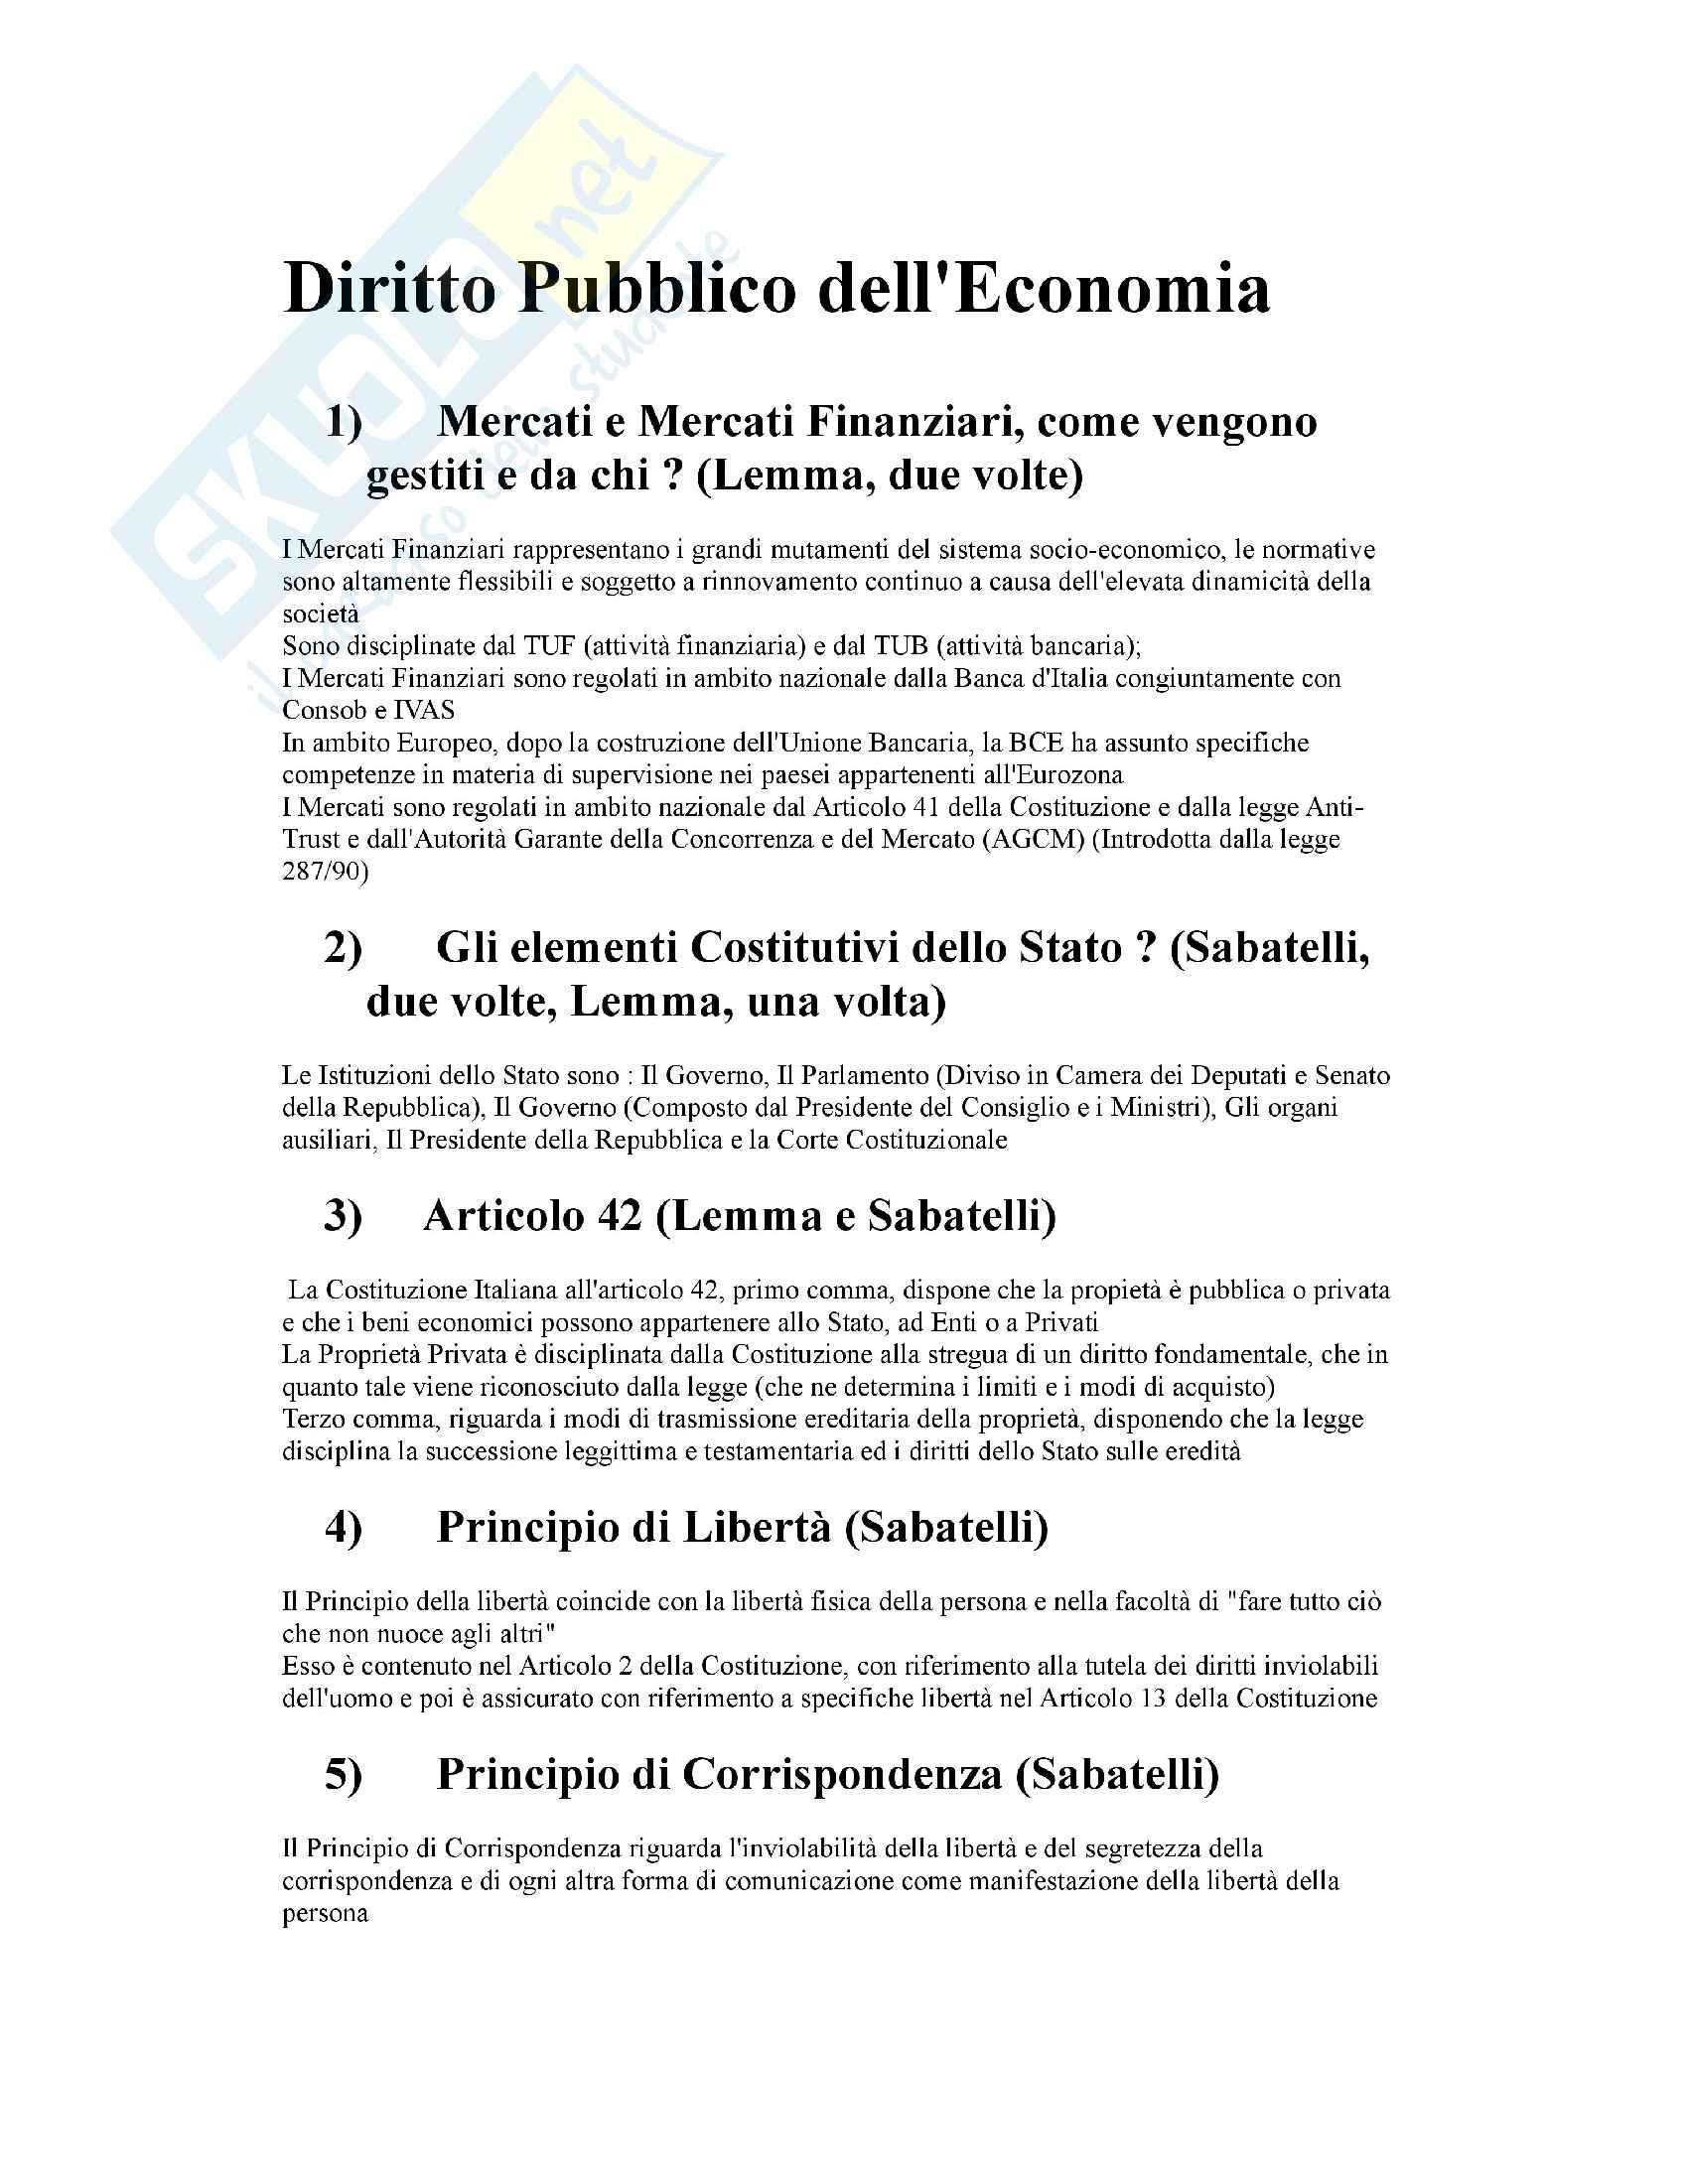 50 Domande Esame Diritto Pubblico dell'Economia